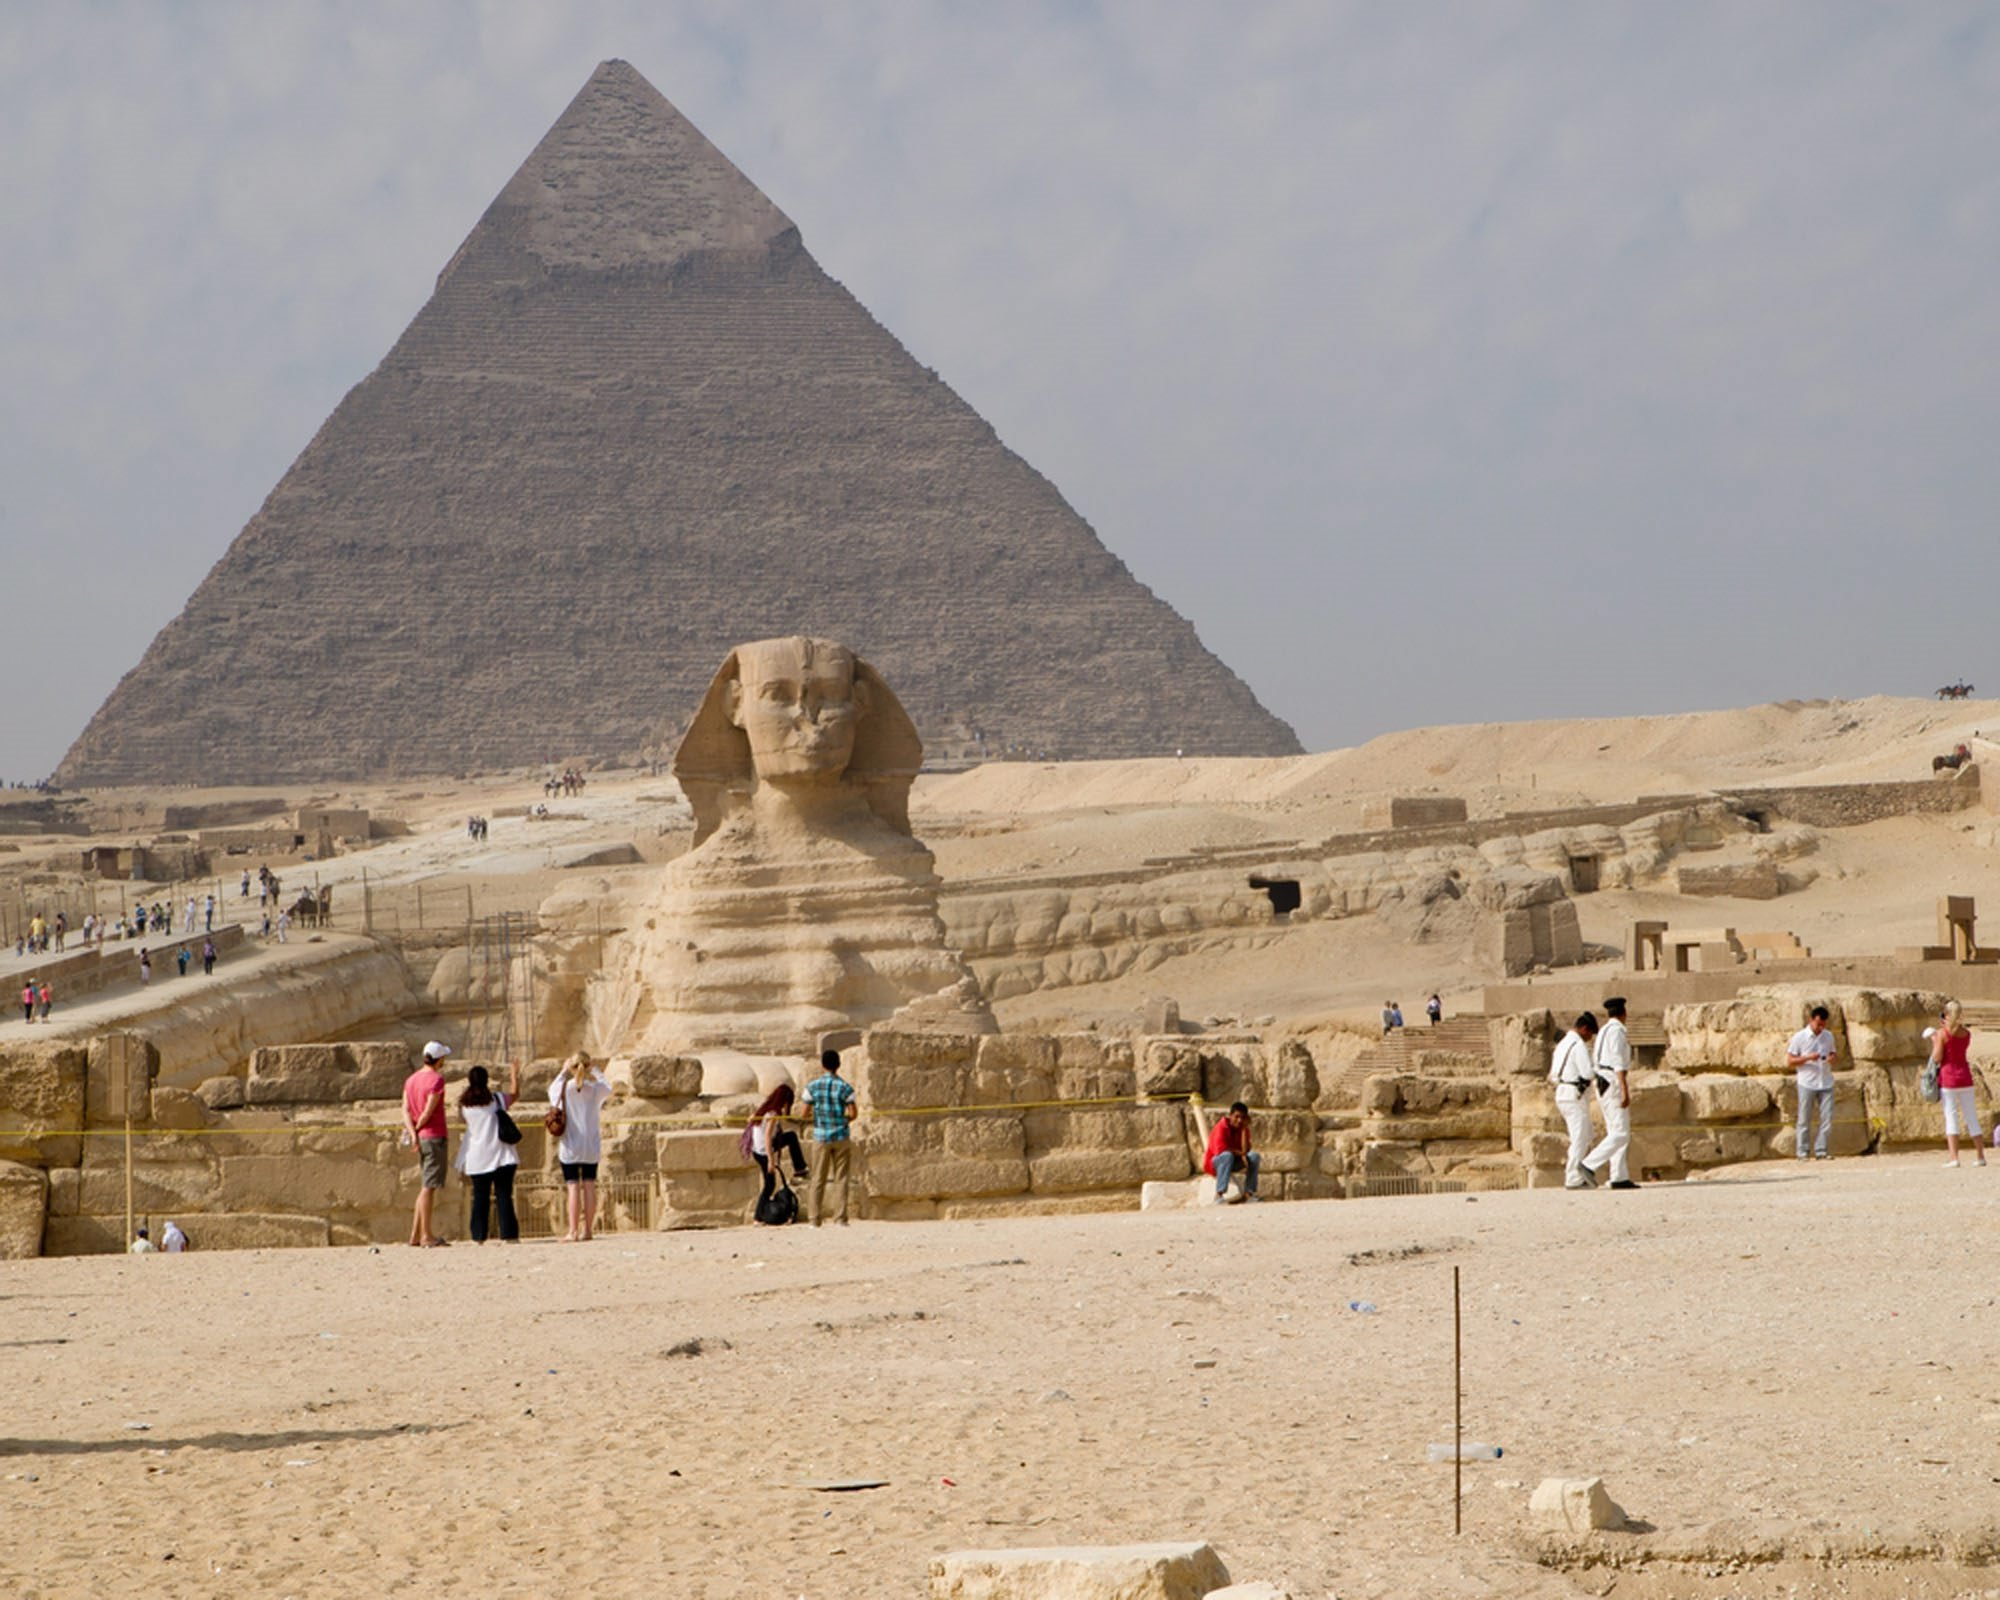 Mısırdaki piramitler nasıl yapıldı? Gizemi 3 bin yıllık günlükle çözüldü...